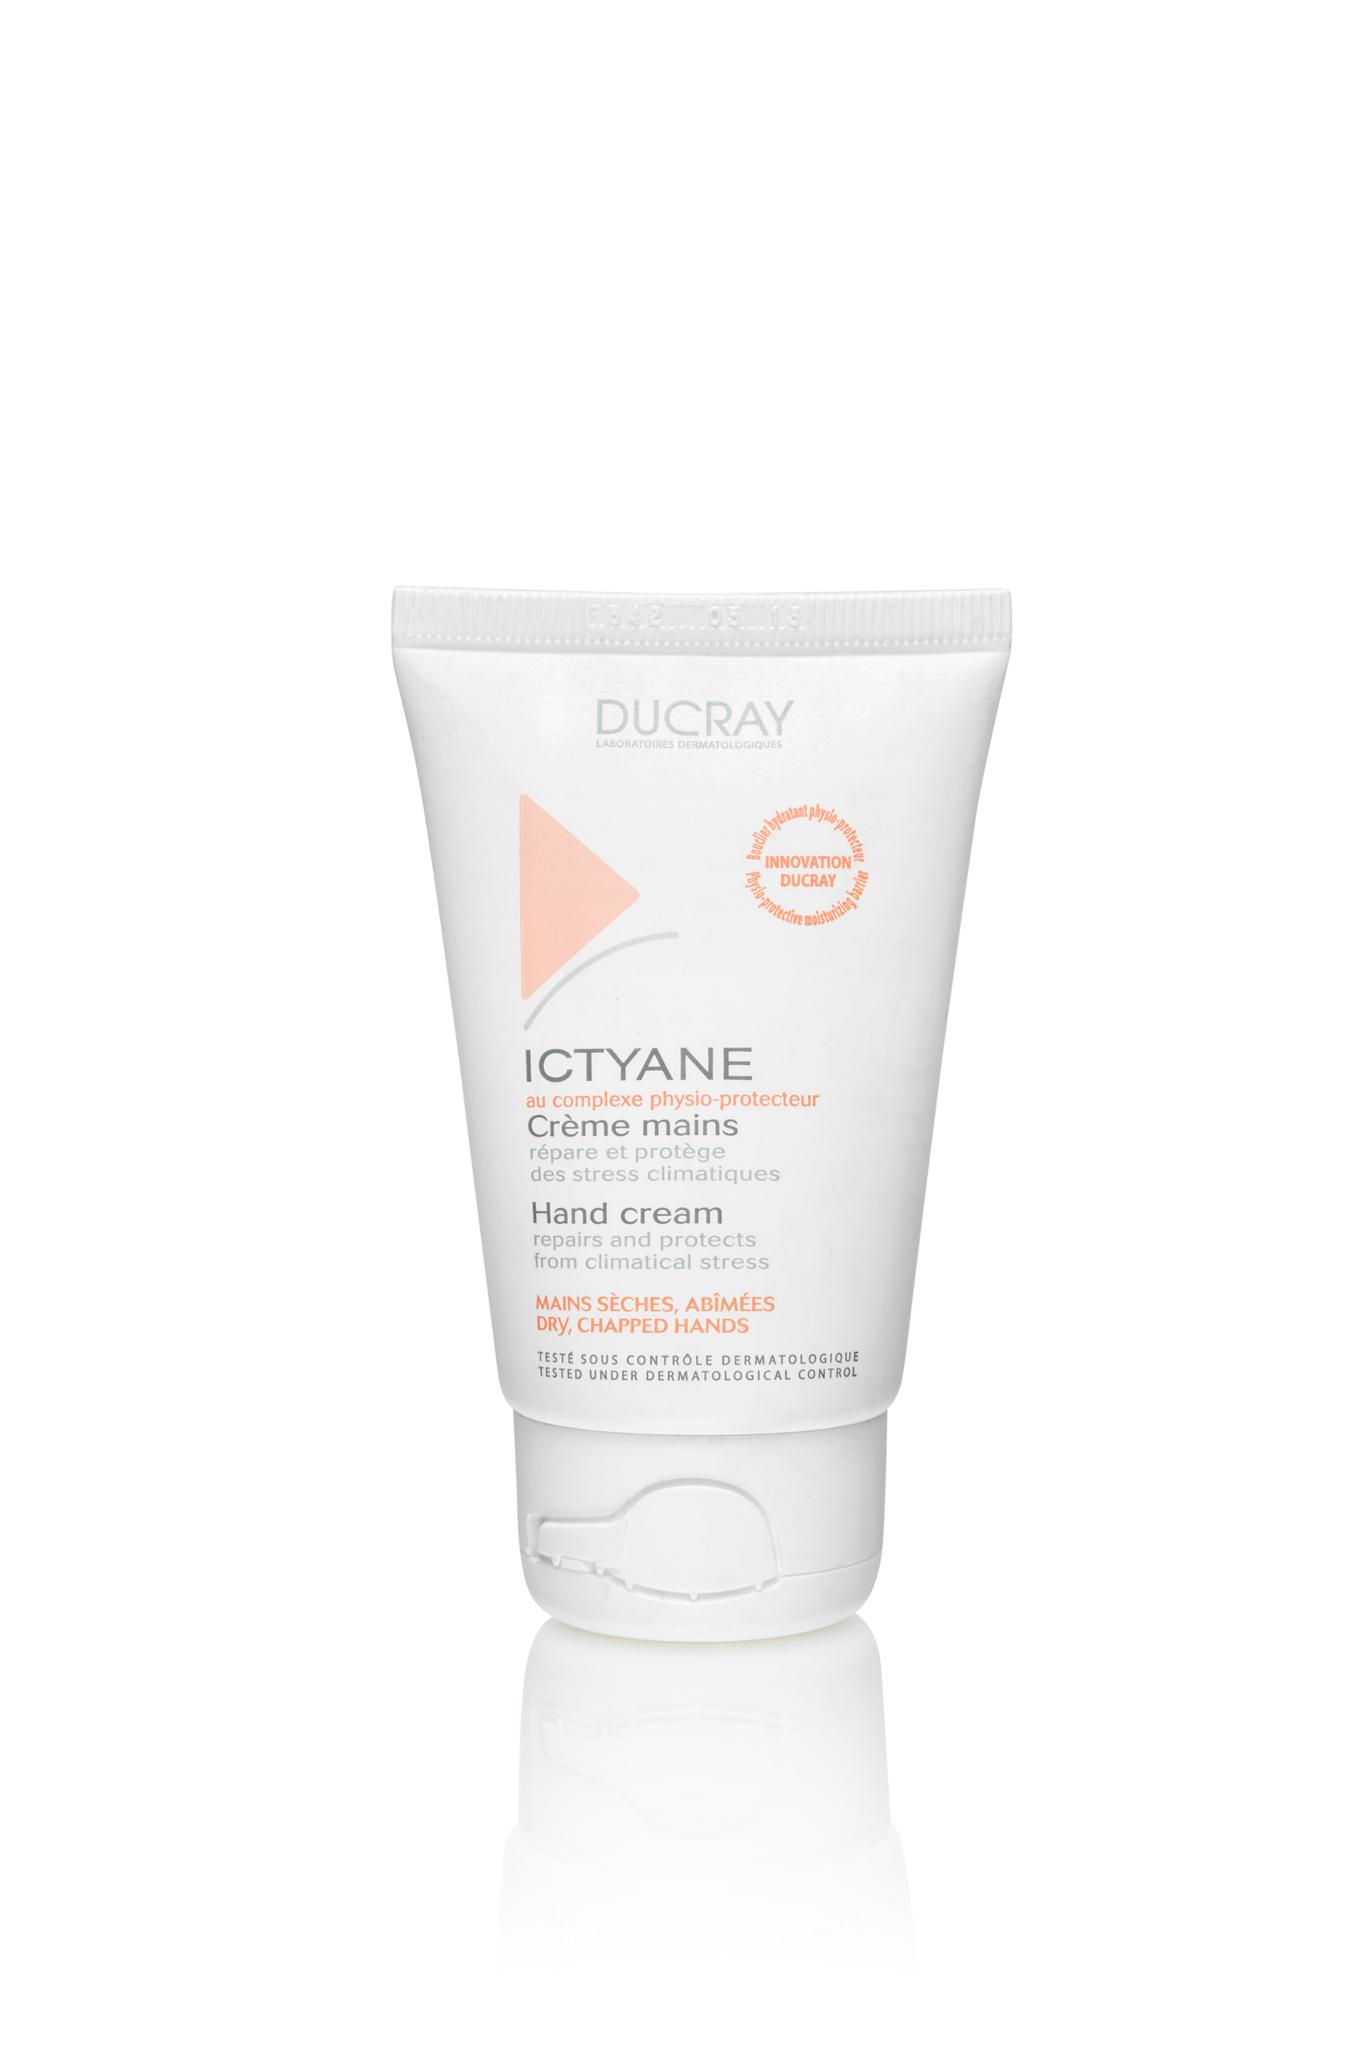 Ducray Ictyane крем для рук 50 мл.